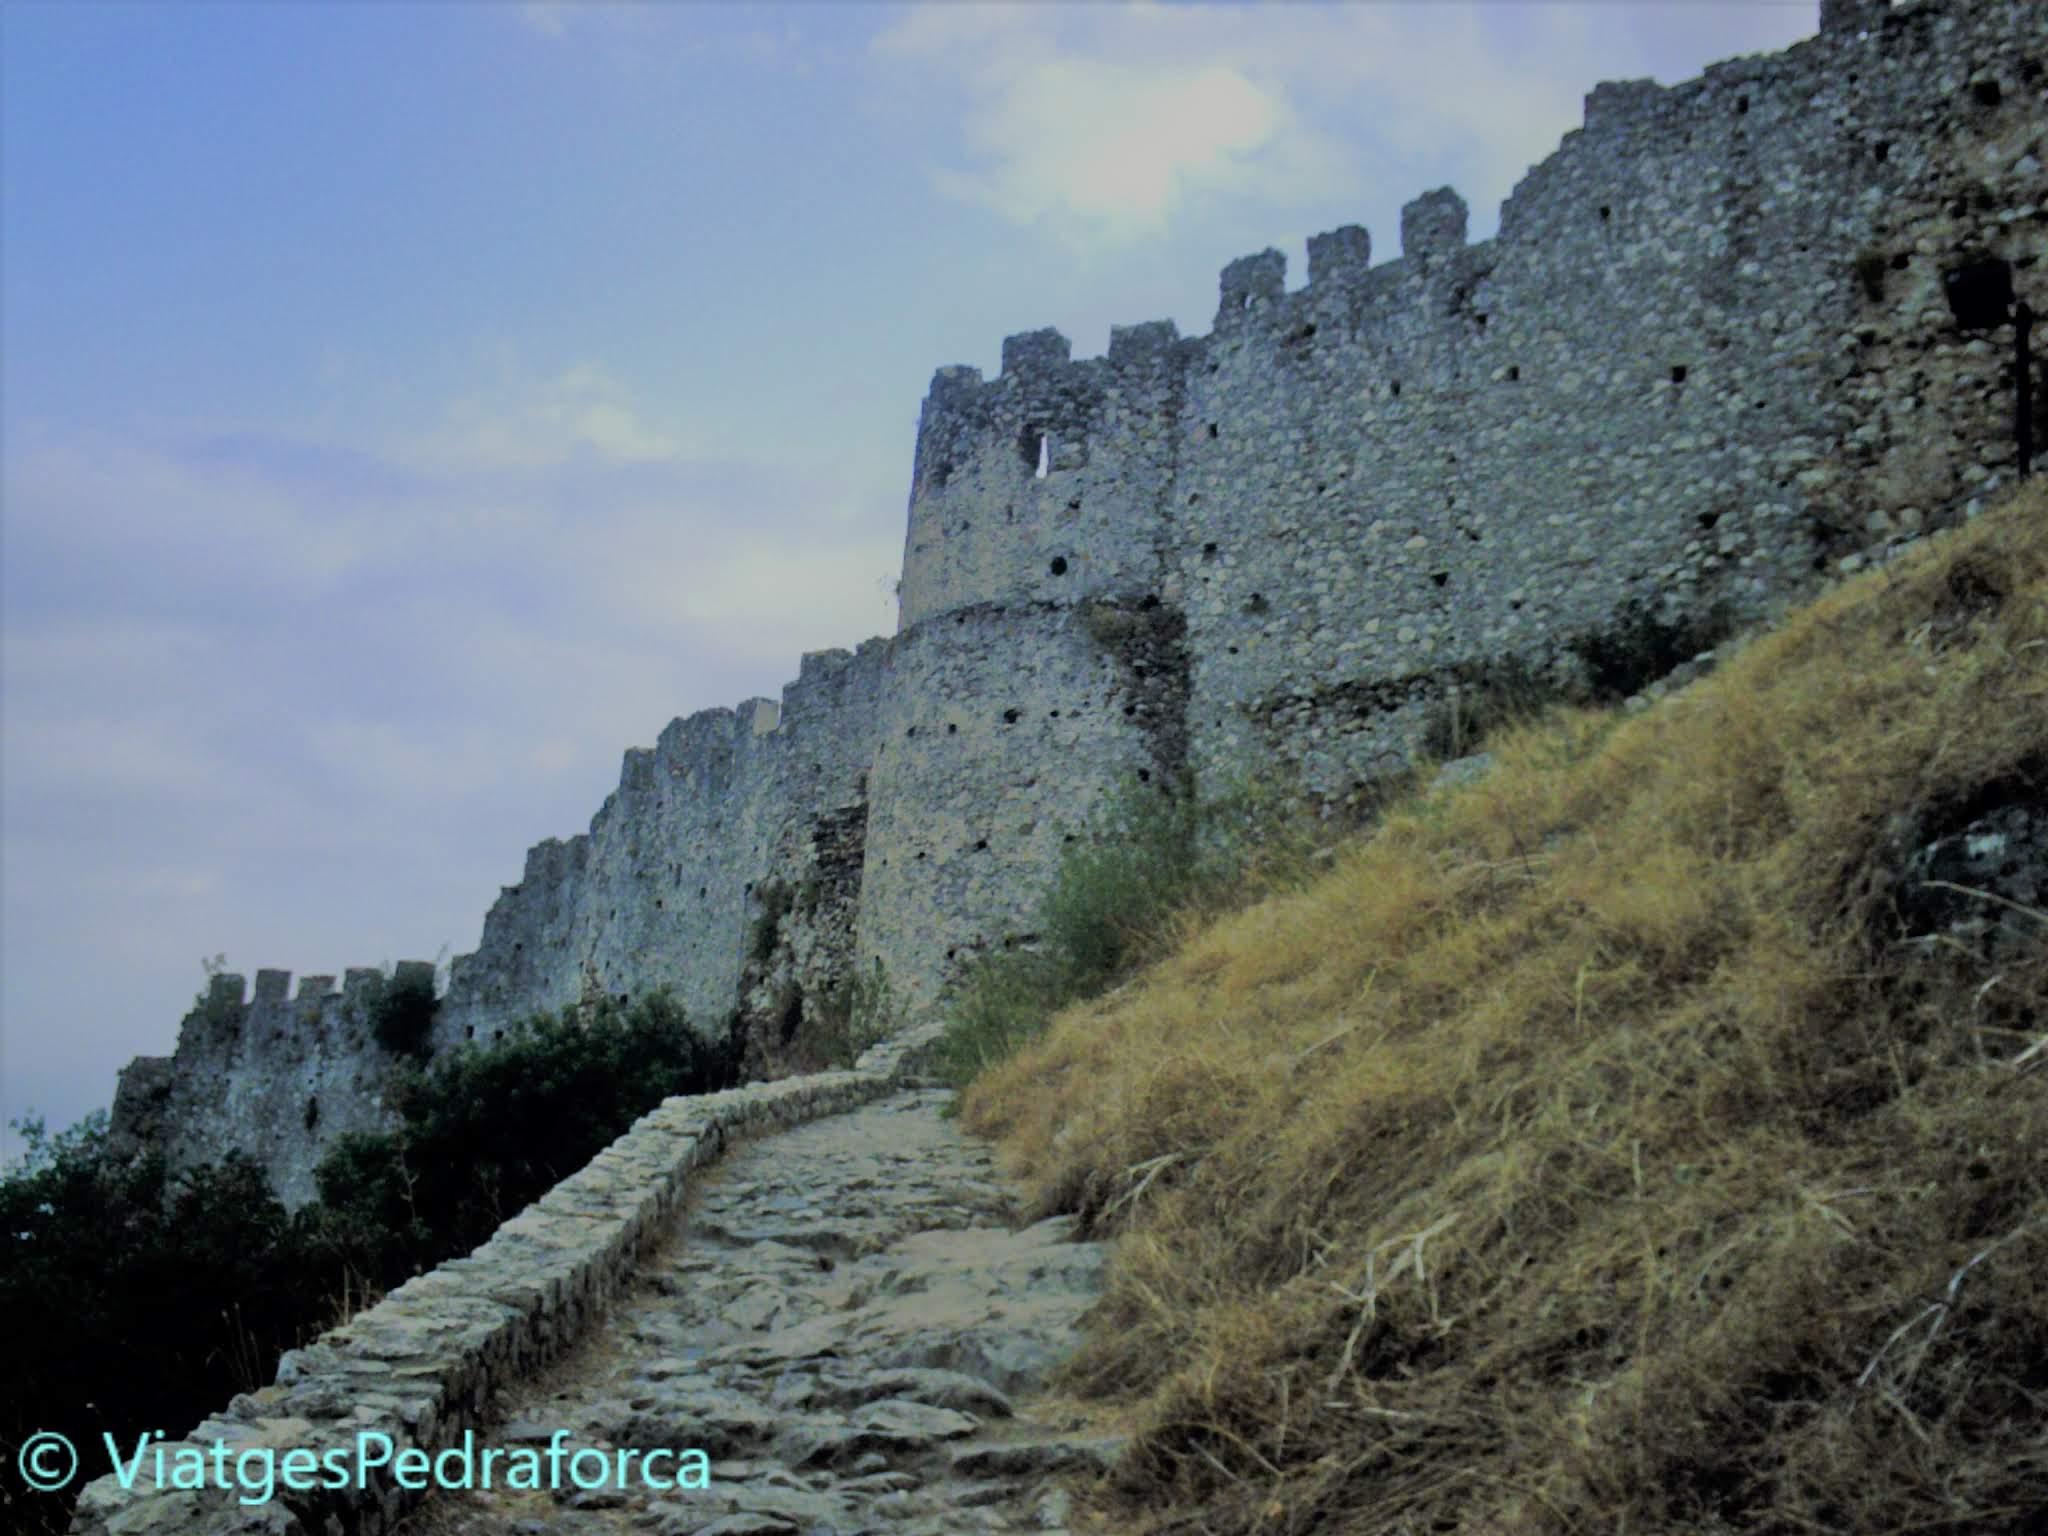 Els millors castells d'Europa, Patrimoni de la Humanitat, patrimoni cultural